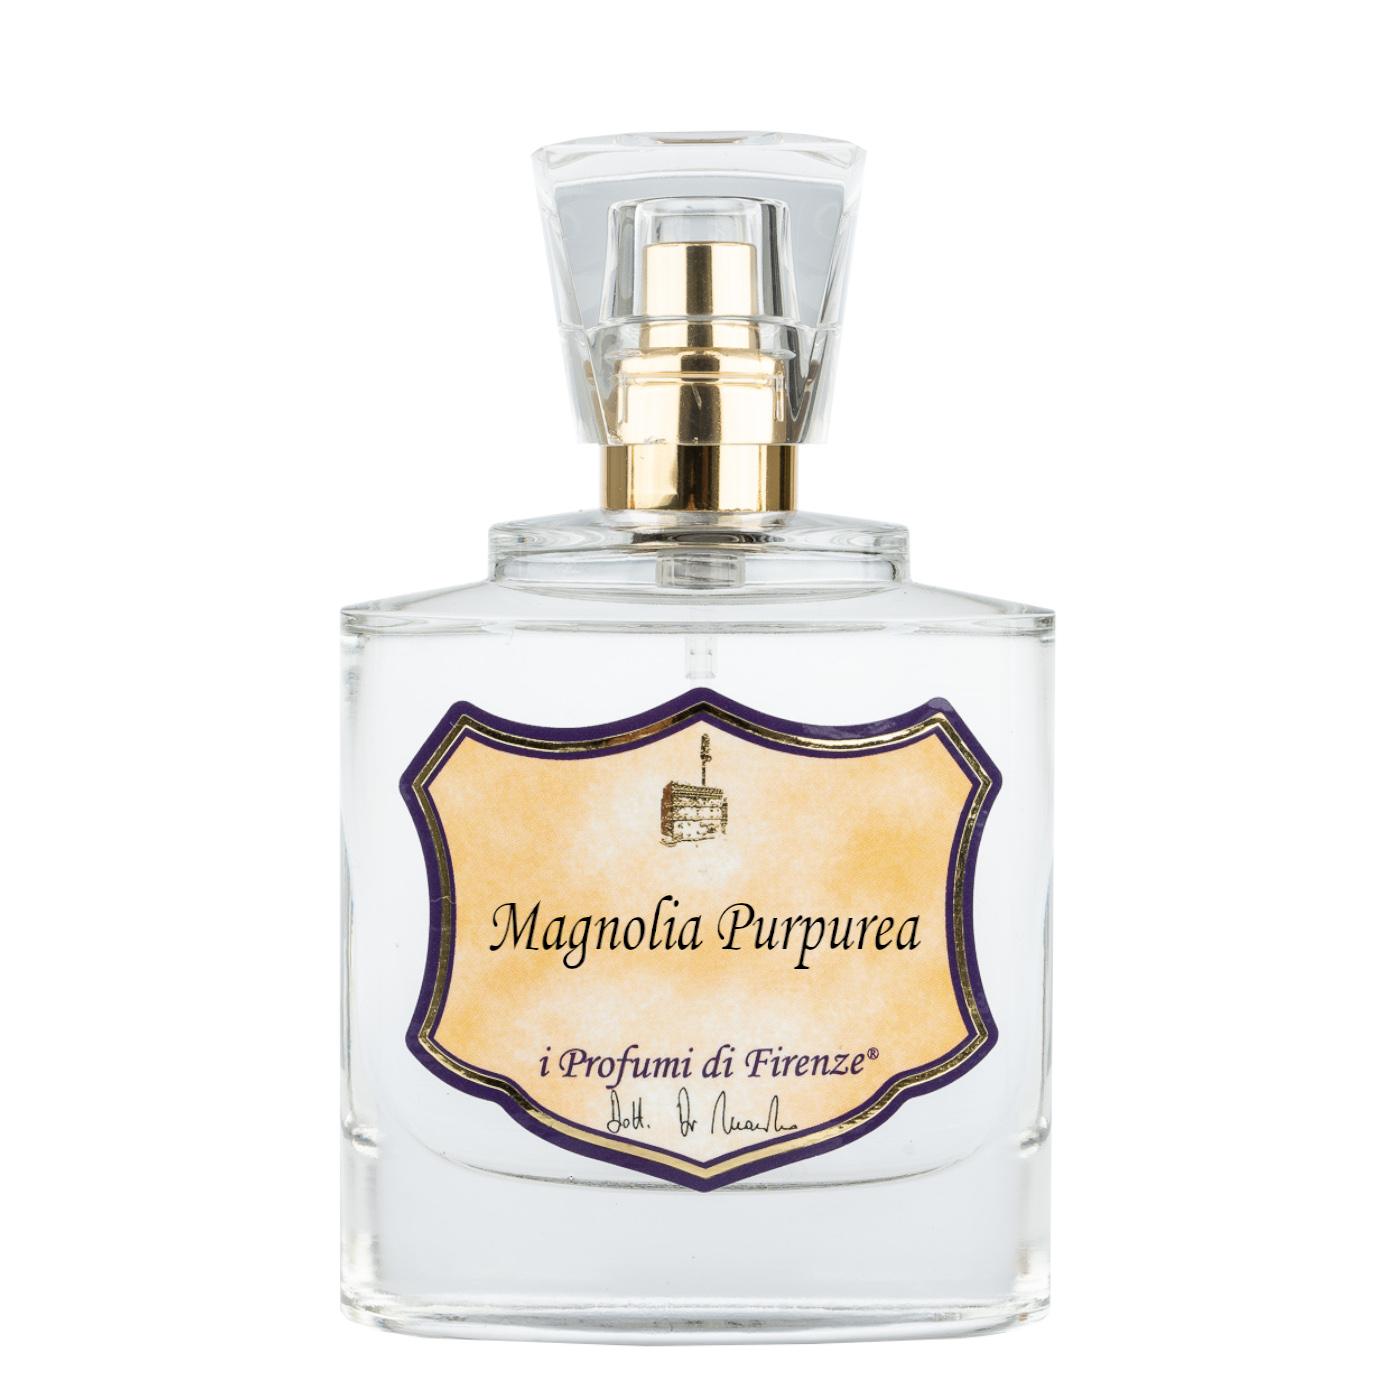 MAGNOLIA PURPUREA - Eau de Parfum-0